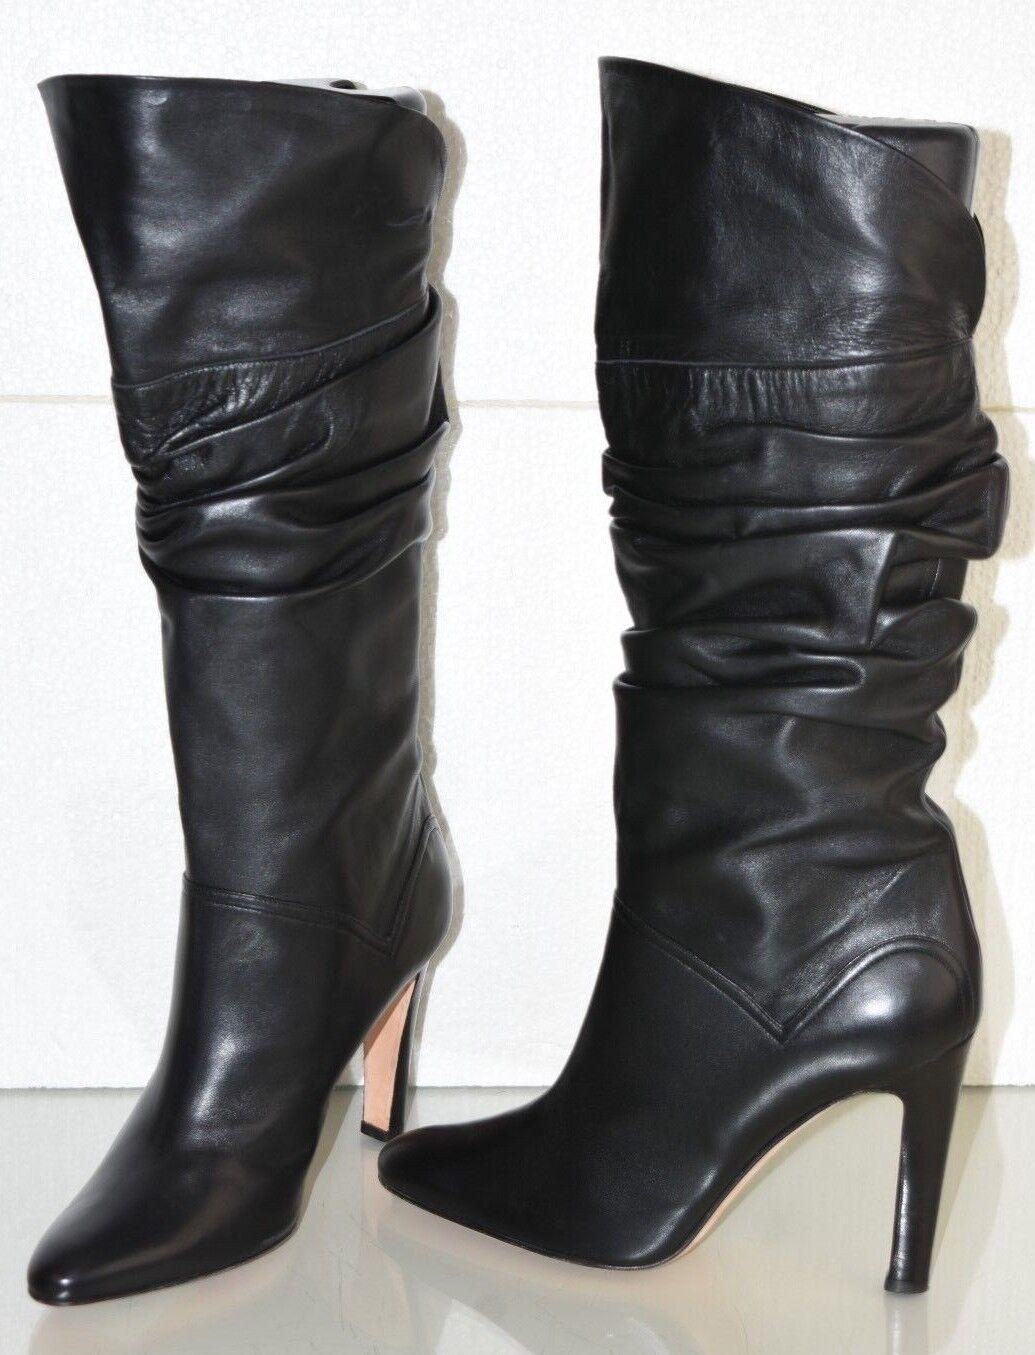 1710 Nueva Manolo Blahnik se reunieron Suave Cuero botas Negro Tacones Zapatos 39.5  Mercancía de alta calidad y servicio conveniente y honesto.